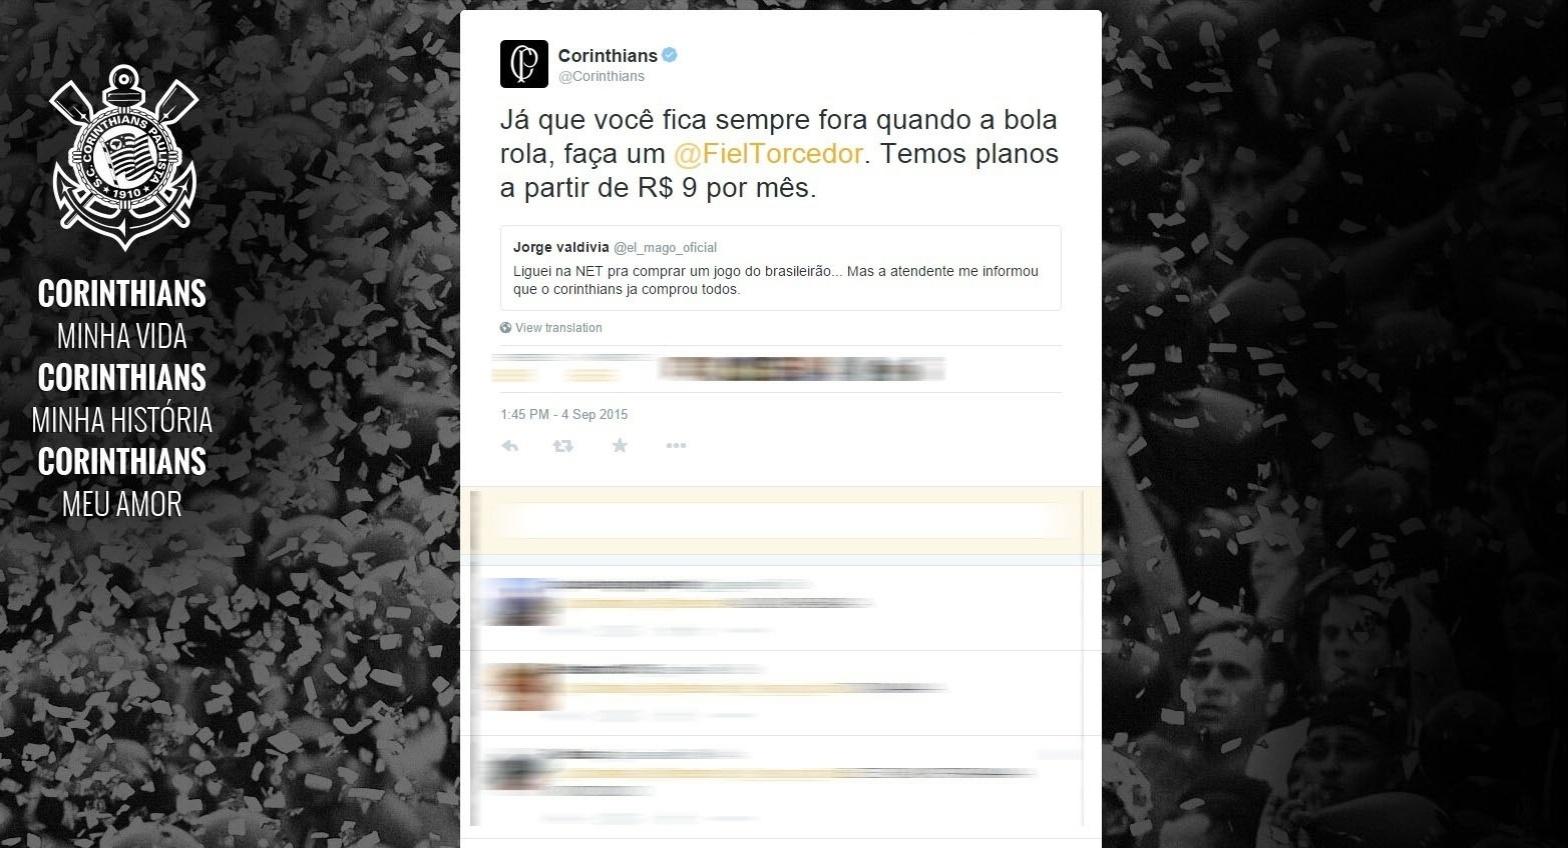 Corinthians responde à provocação de Valdivia no Twitter